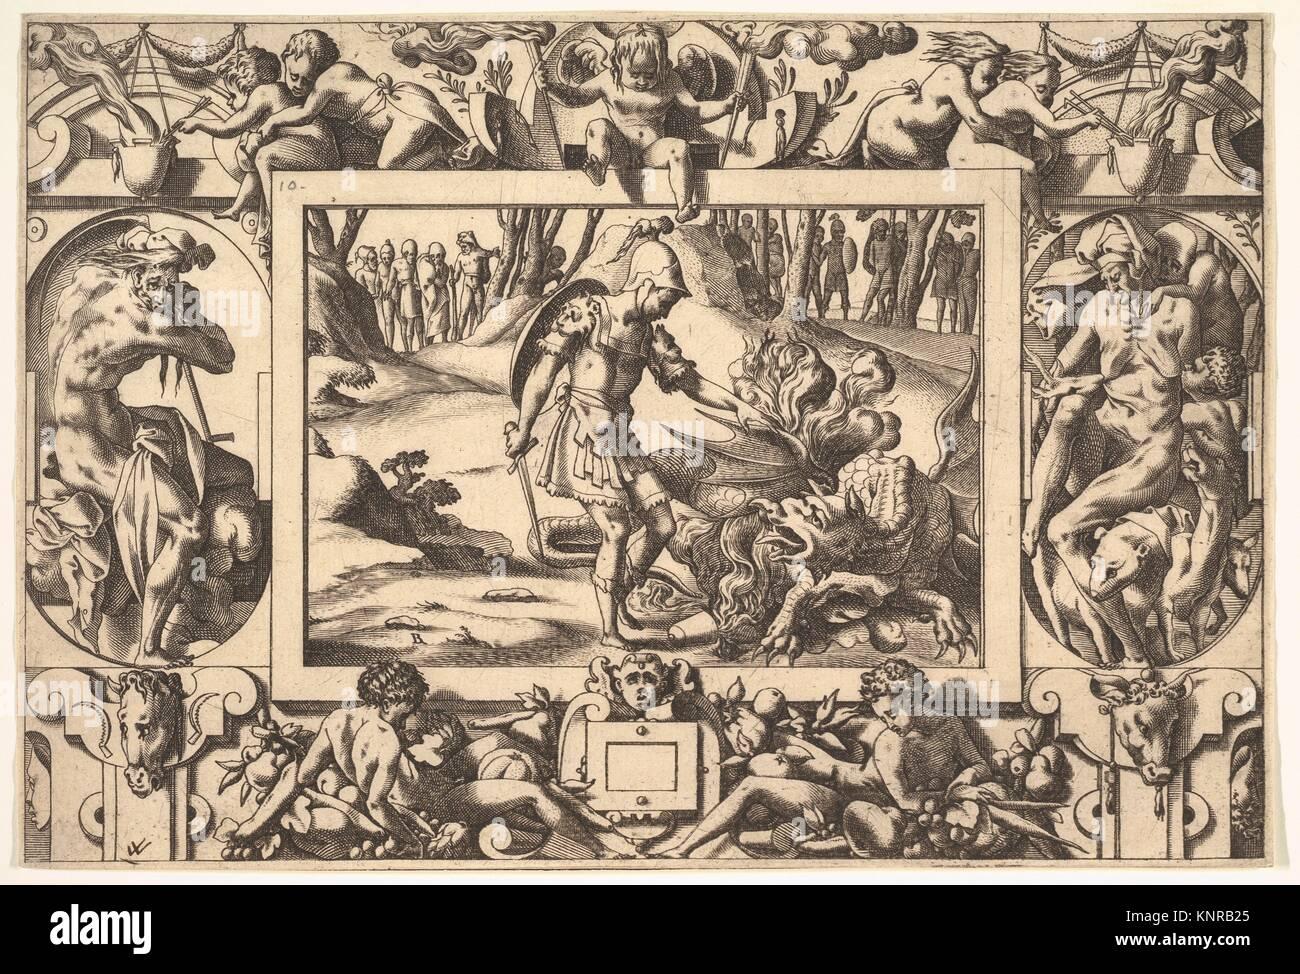 Jason, der Drache, der das Goldene Vlies, ab: Histoire de Jason et de la conquête de la Toison d'Or. Serie/Portfolio: Stockbild